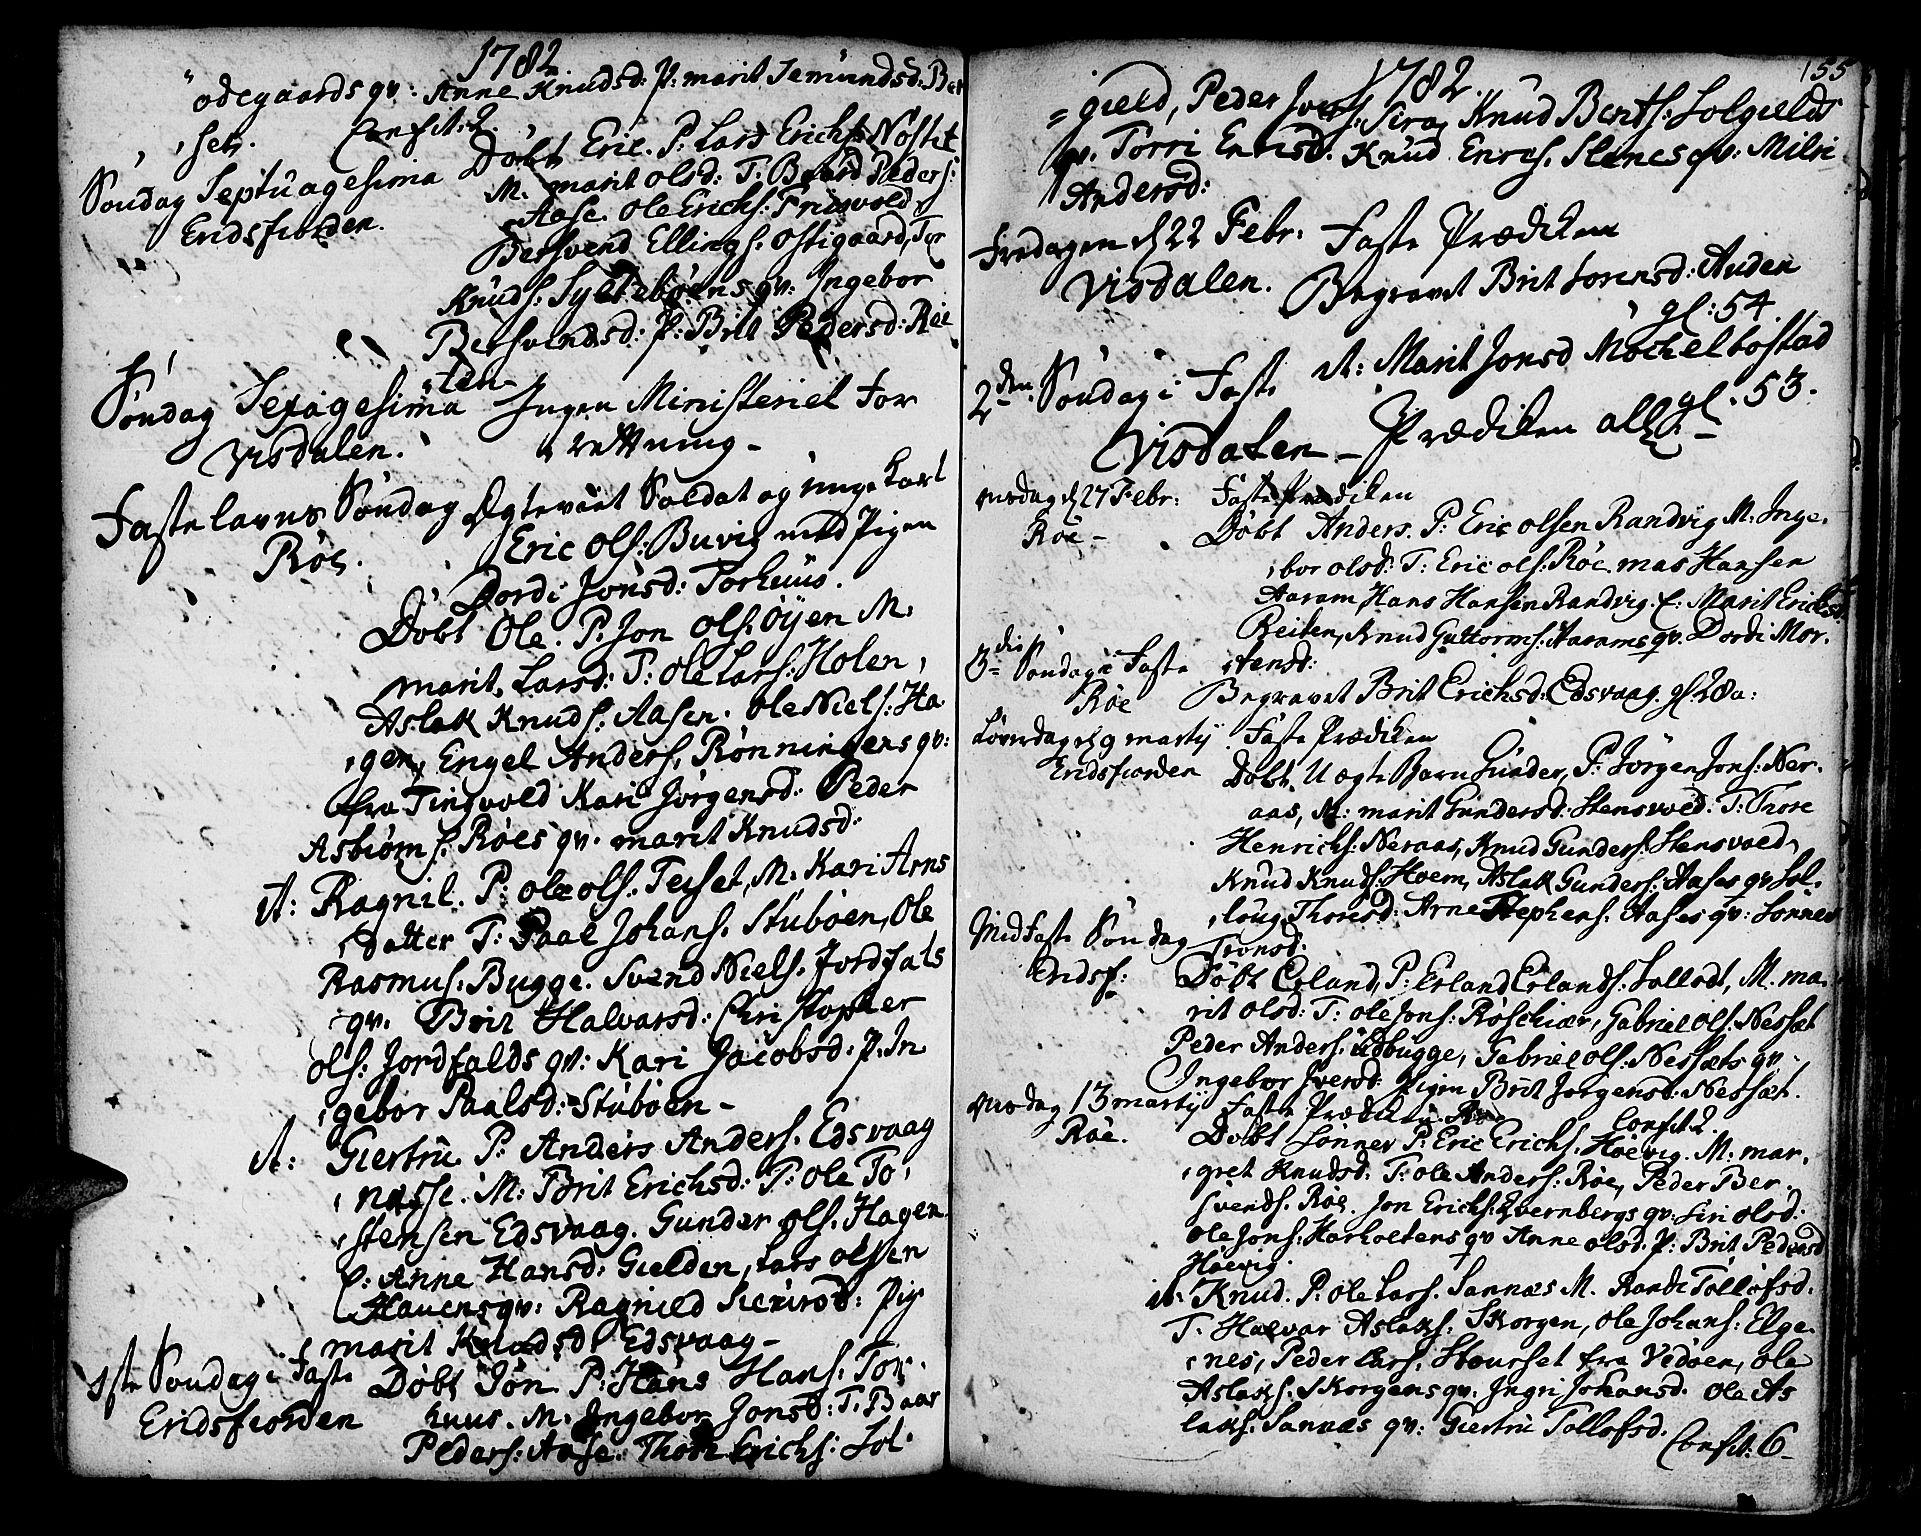 SAT, Ministerialprotokoller, klokkerbøker og fødselsregistre - Møre og Romsdal, 551/L0621: Ministerialbok nr. 551A01, 1757-1803, s. 155